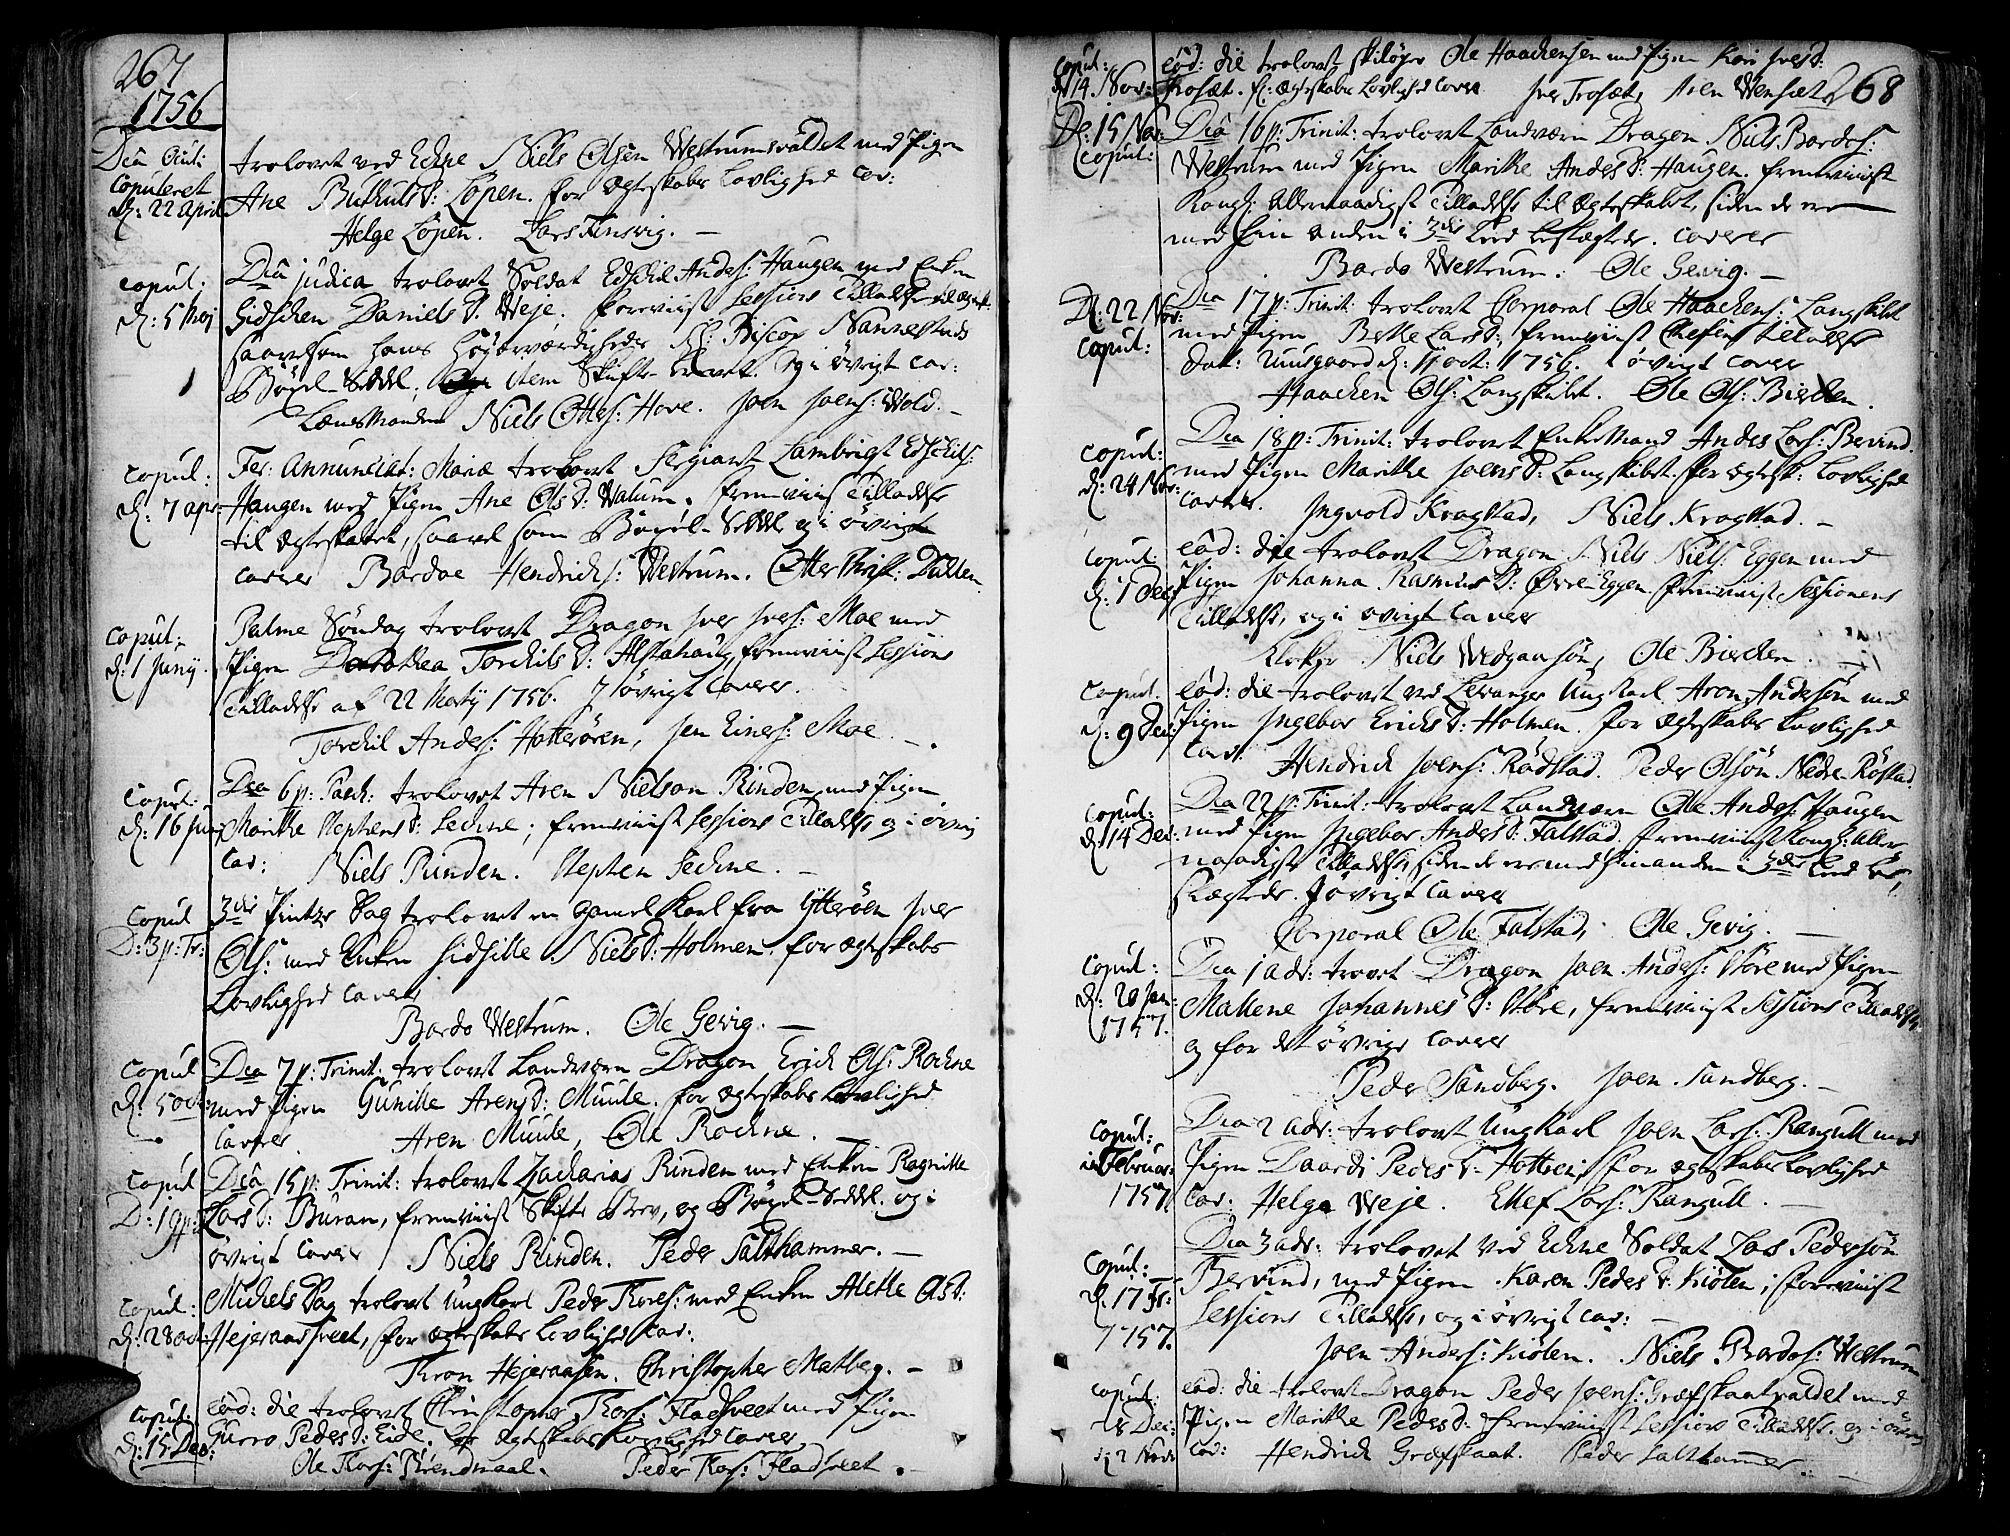 SAT, Ministerialprotokoller, klokkerbøker og fødselsregistre - Nord-Trøndelag, 717/L0141: Ministerialbok nr. 717A01, 1747-1803, s. 267-268